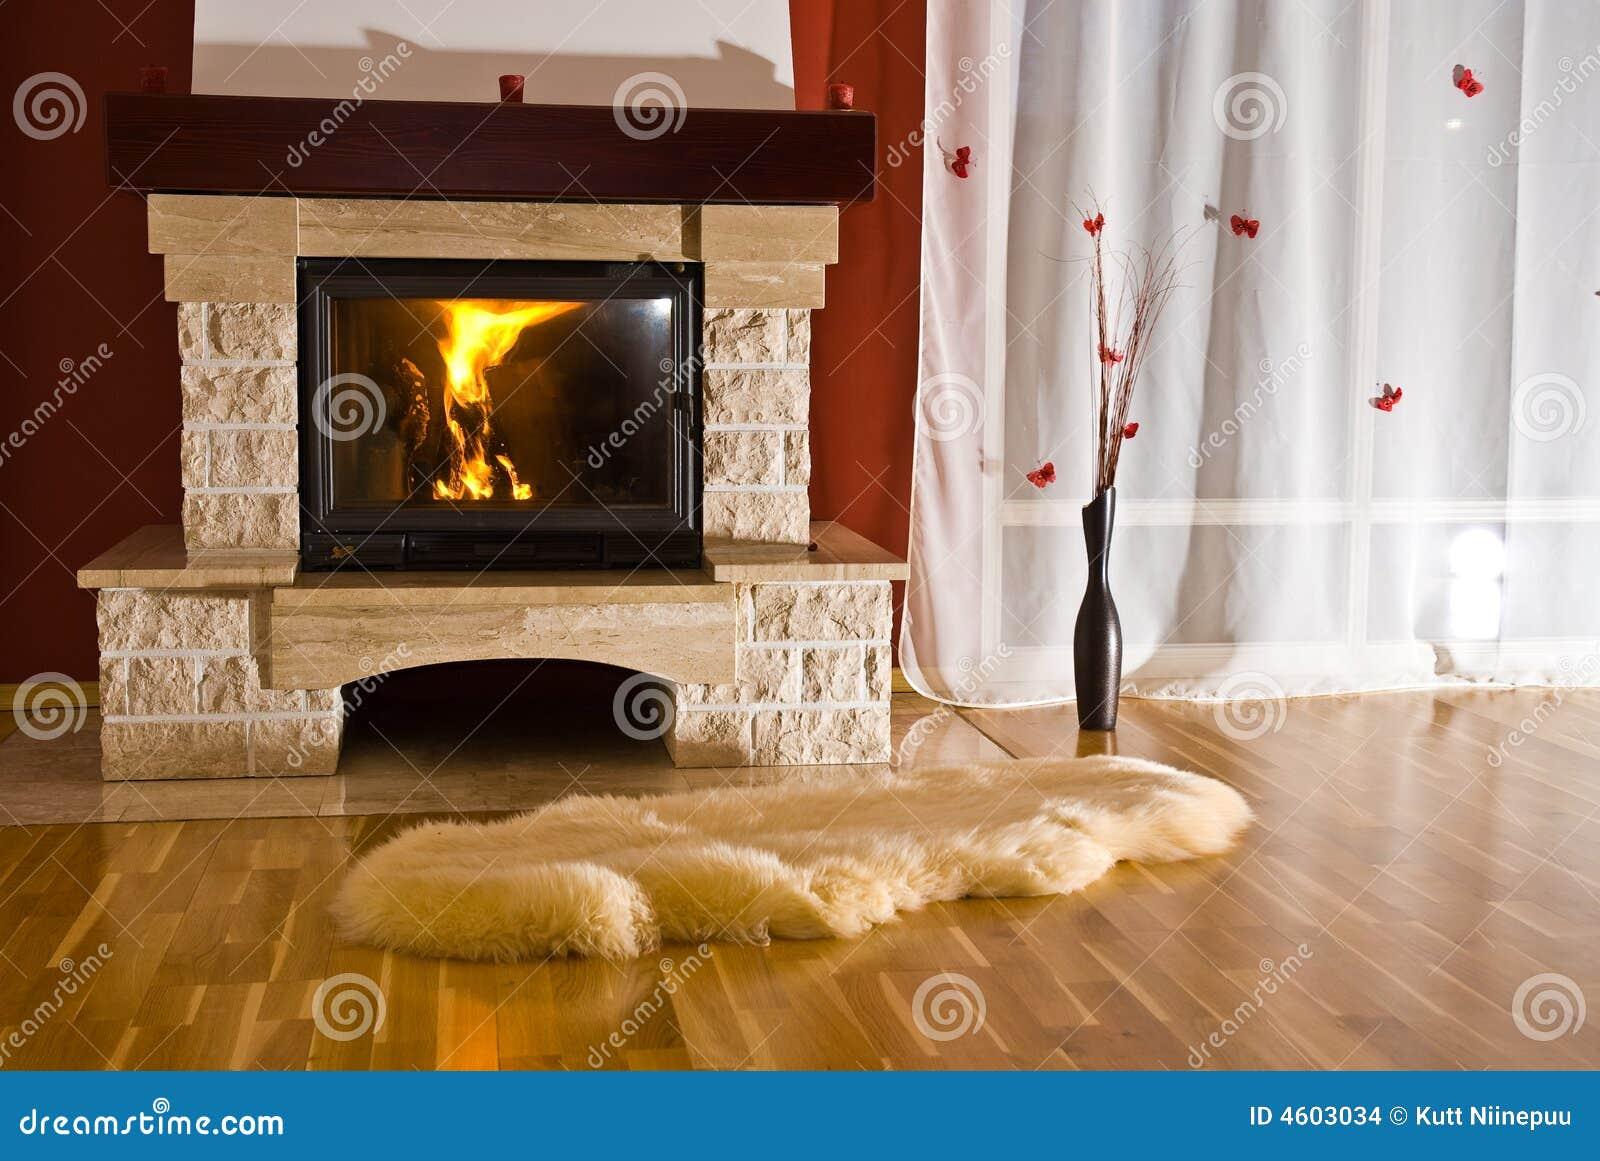 Kominek W Domu Dywan Zdjęcie Stock Obraz Złożonej Z